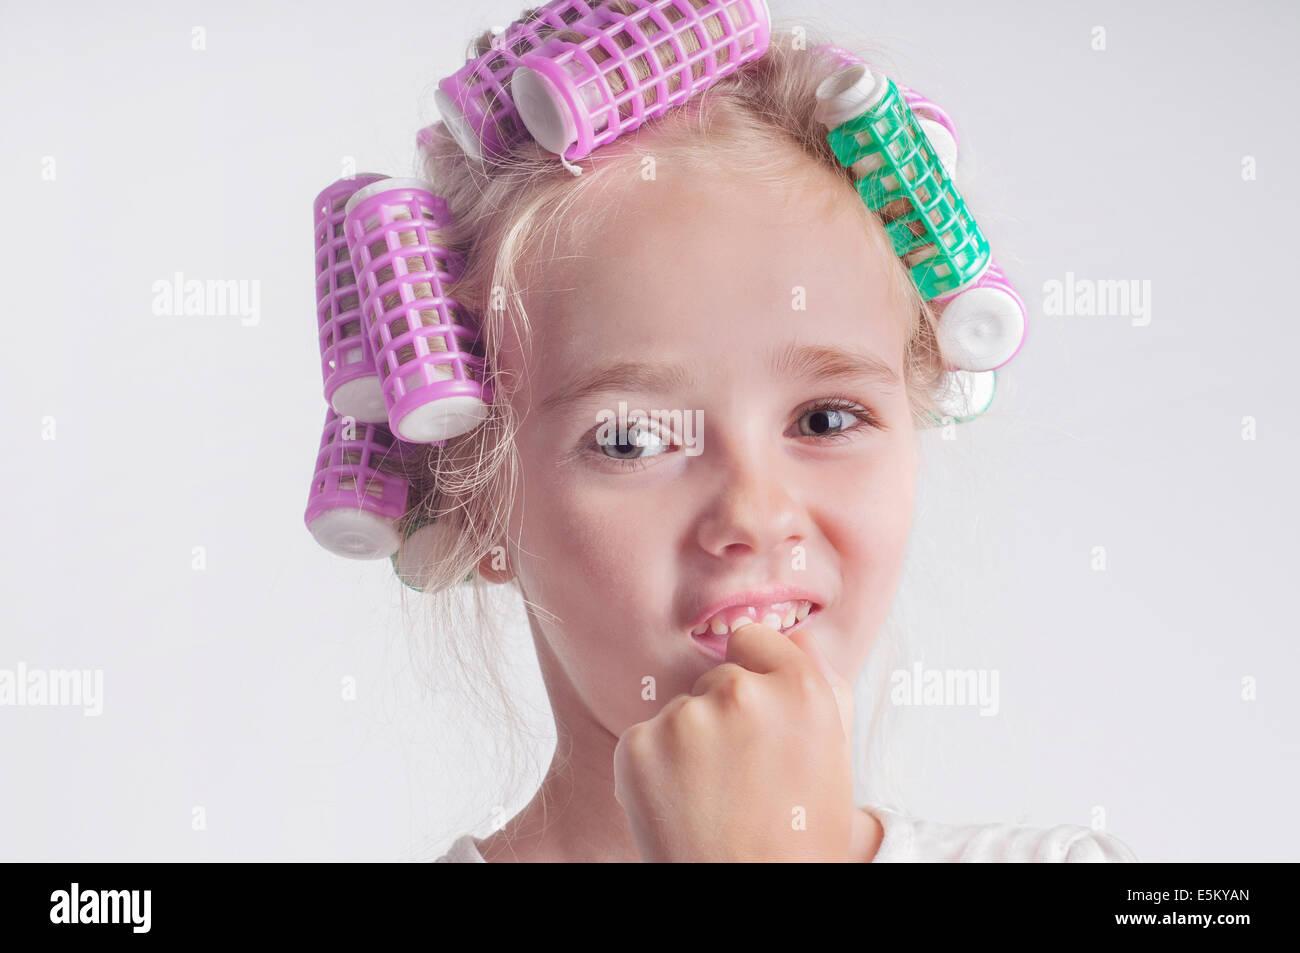 Lindo niño niña retrato en rizadores Imagen De Stock